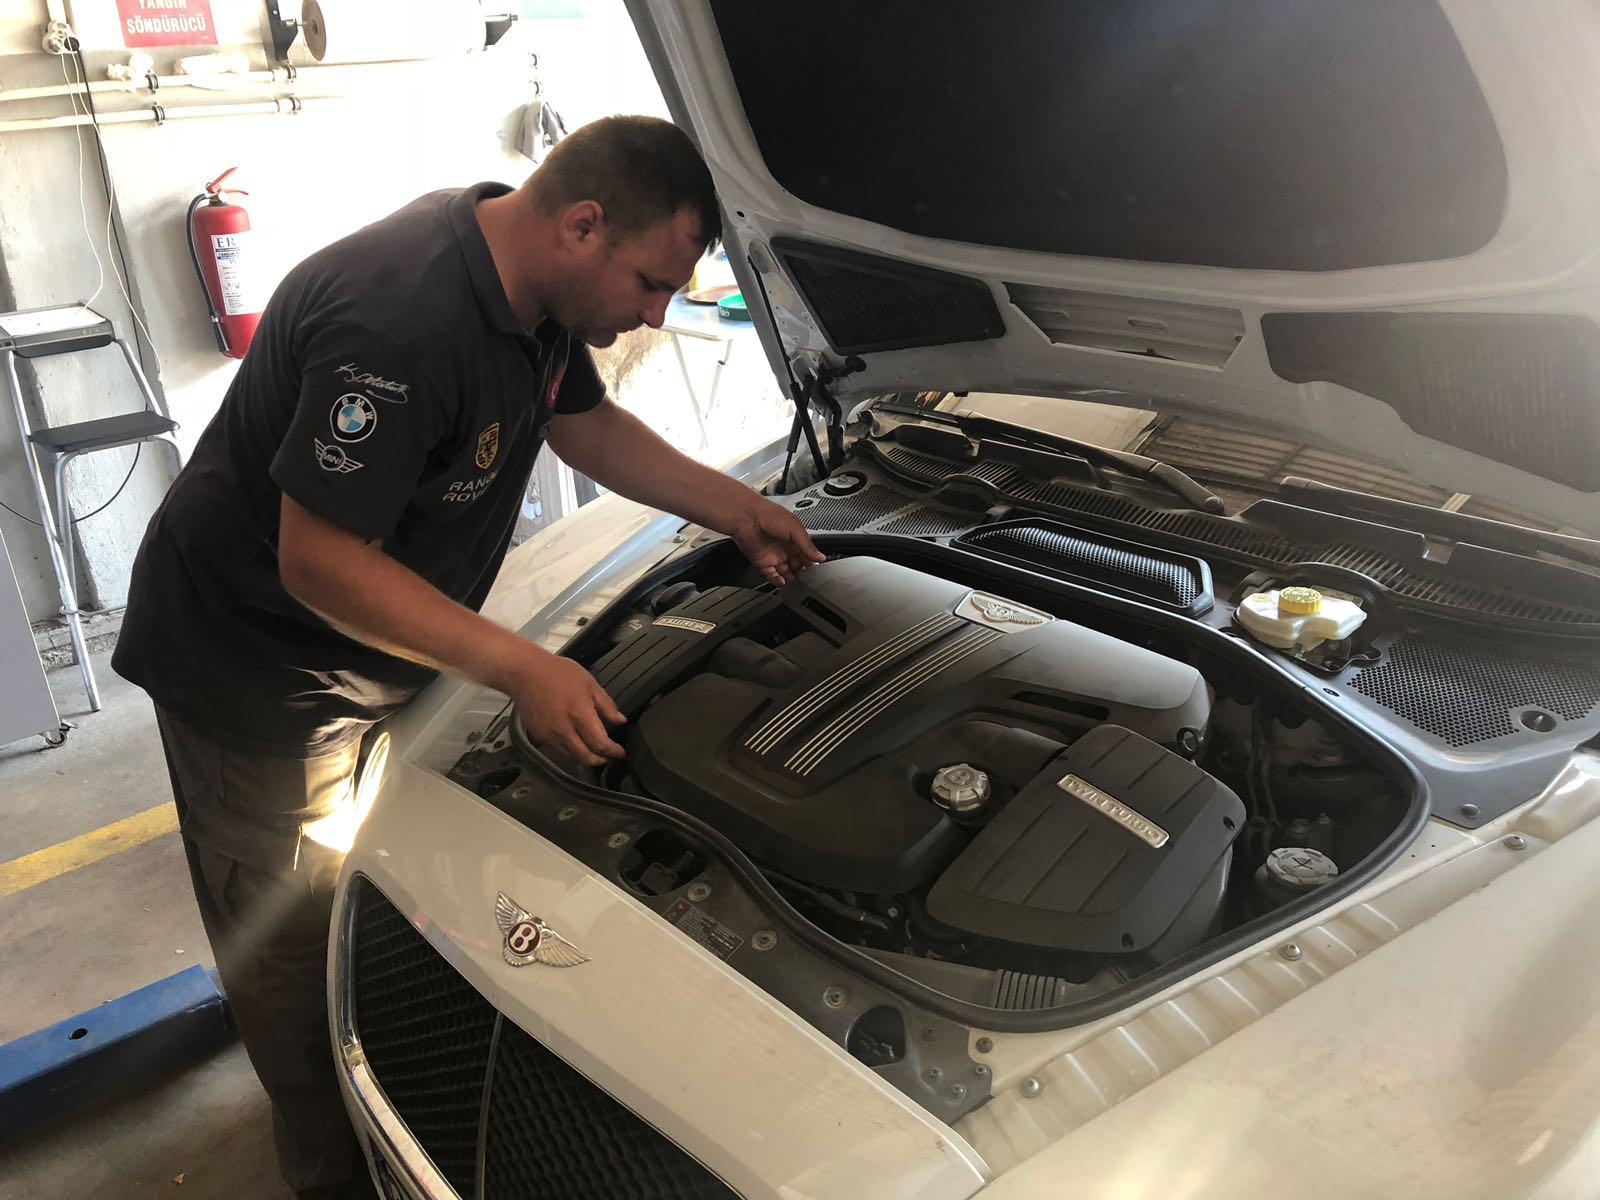 İzmir Bentley Şanzıman Revizyonu, Otomatik Şanzıman Tamir, Bakım, Onarım ve Revizyonu